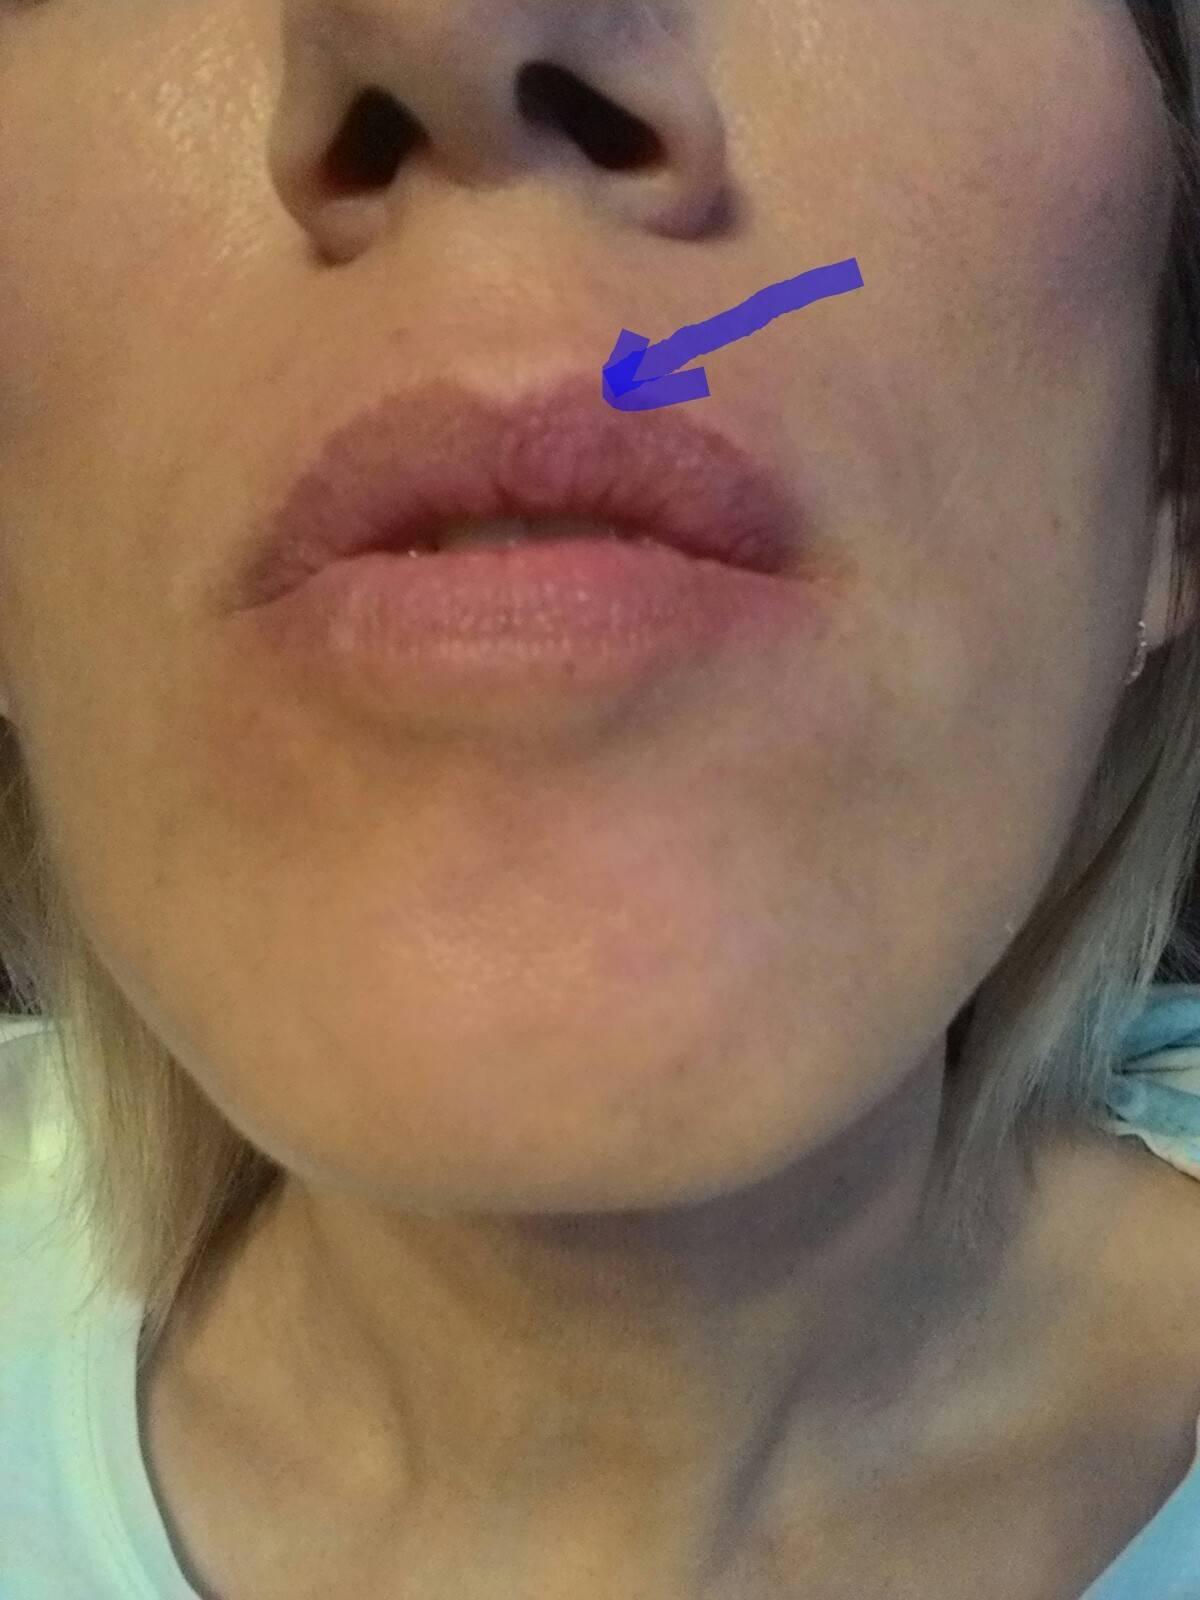 Причины появления пигментных пятен на губах и методы избавления: обзор домашних и салонных методов